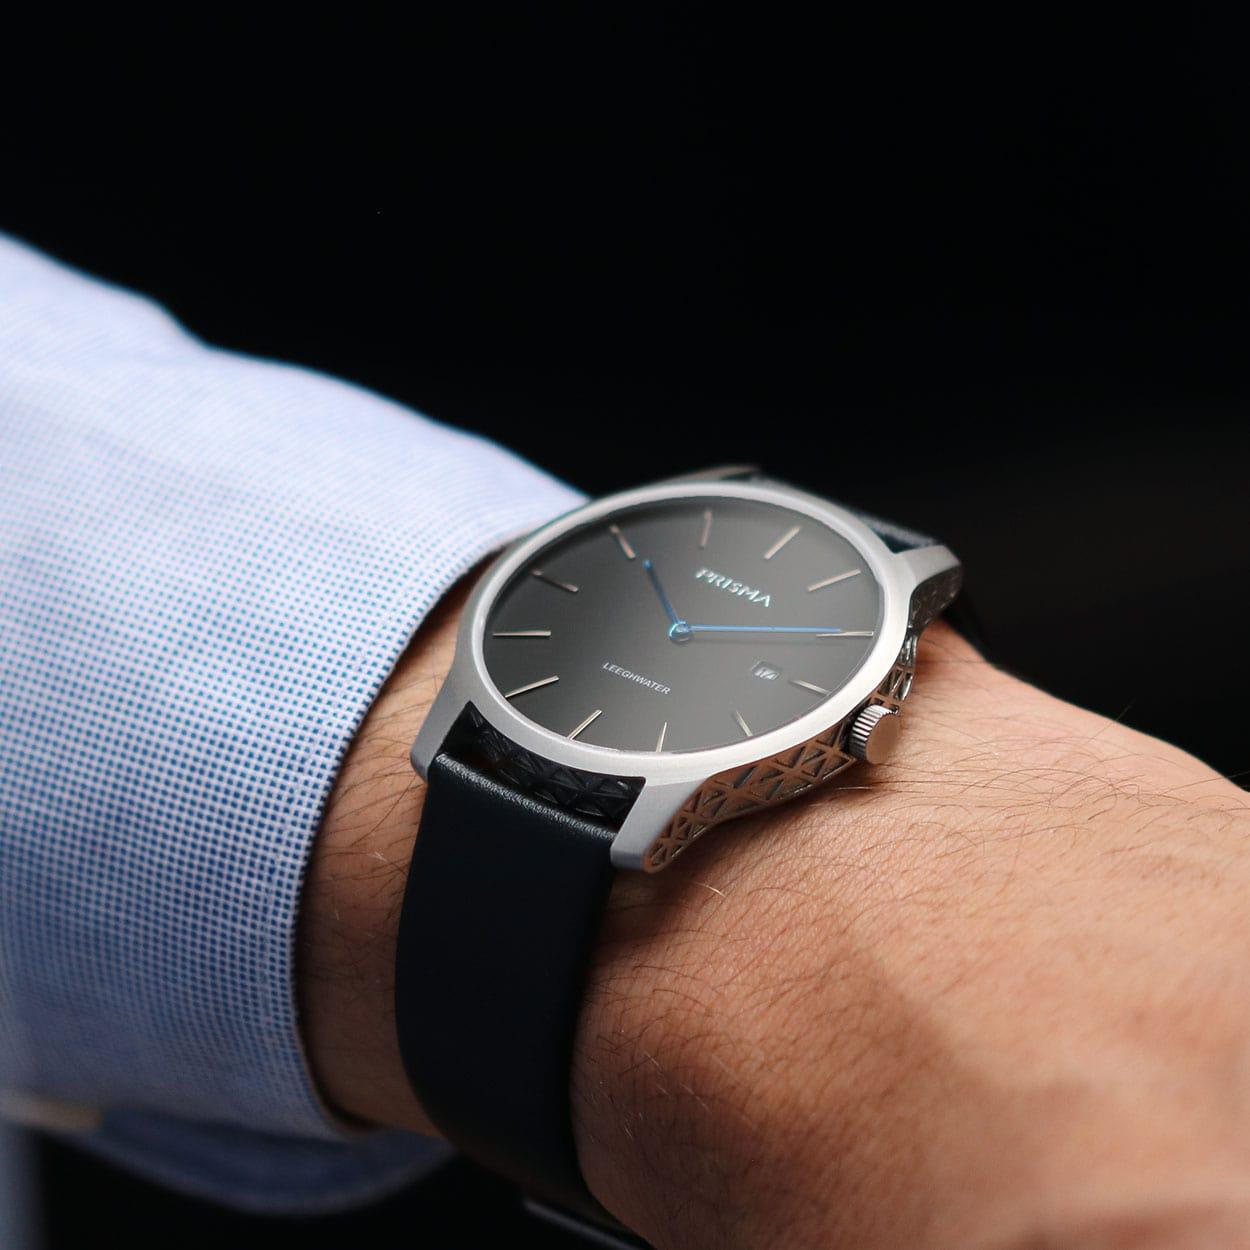 prisma horloge watch leeghwater P 1820 grijs